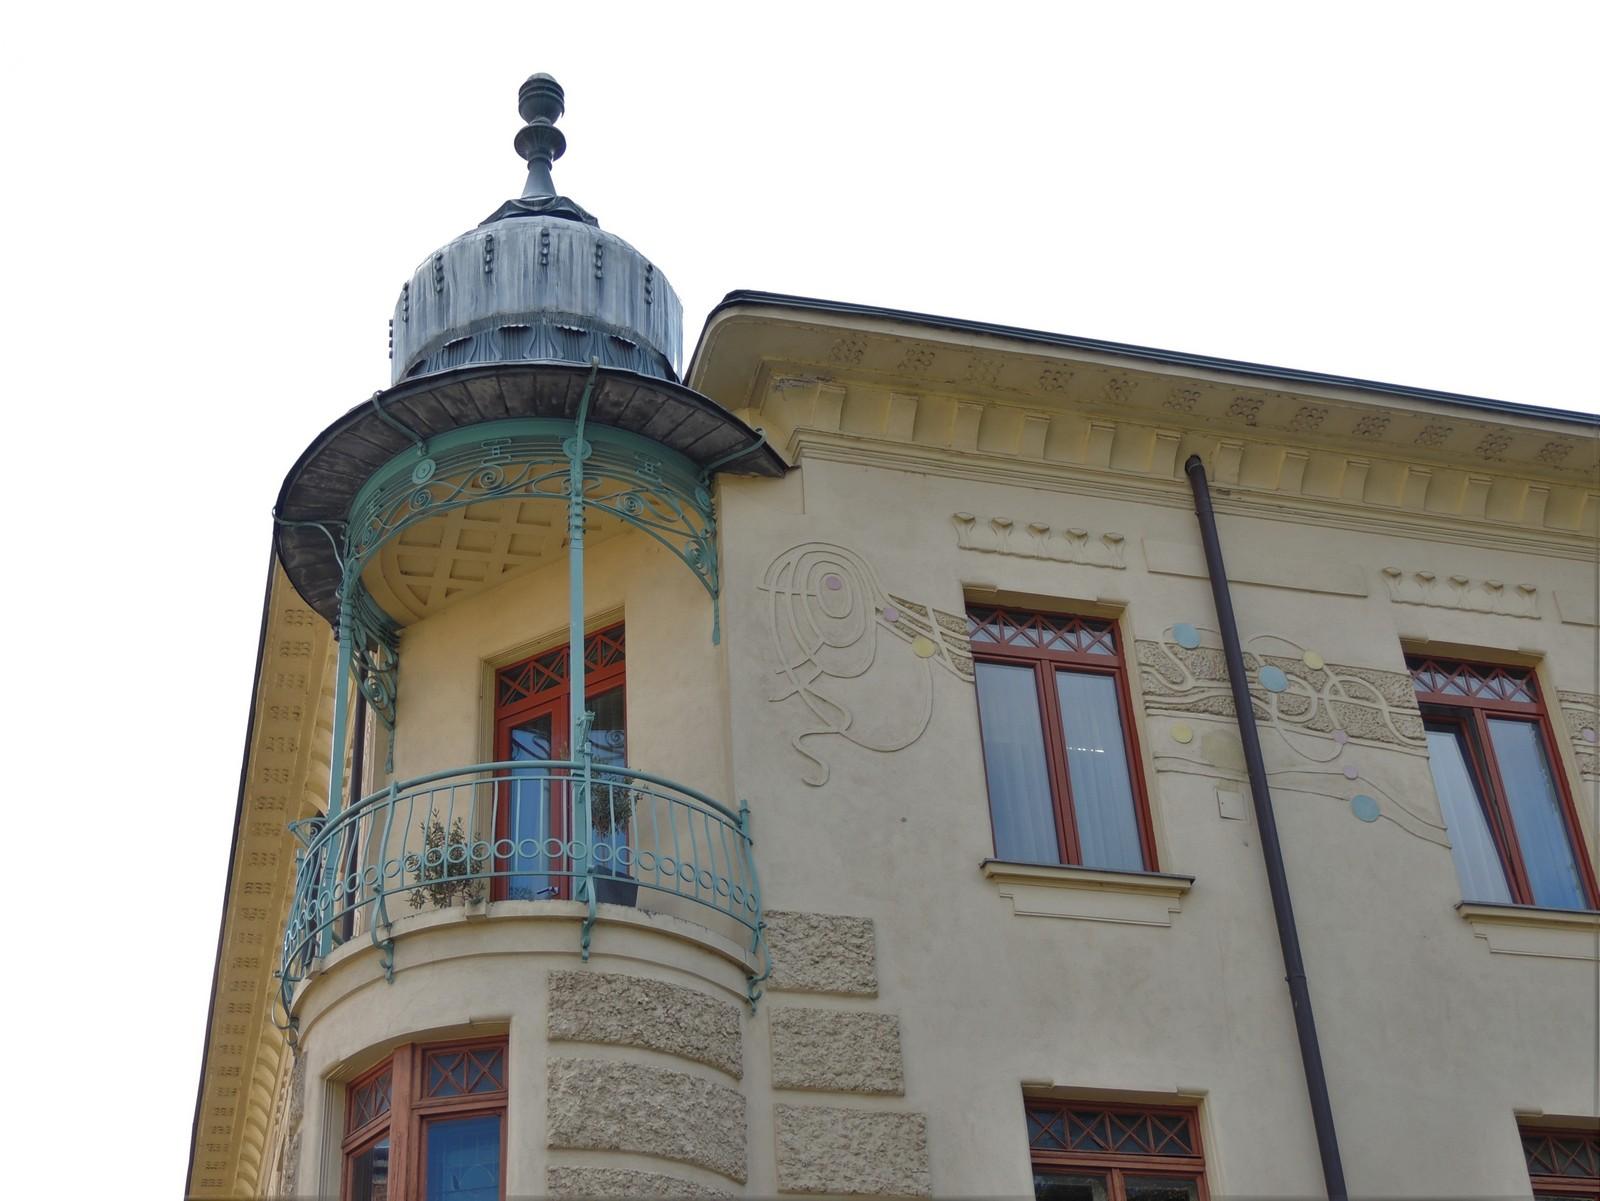 Ljubljana - Krisper Haus